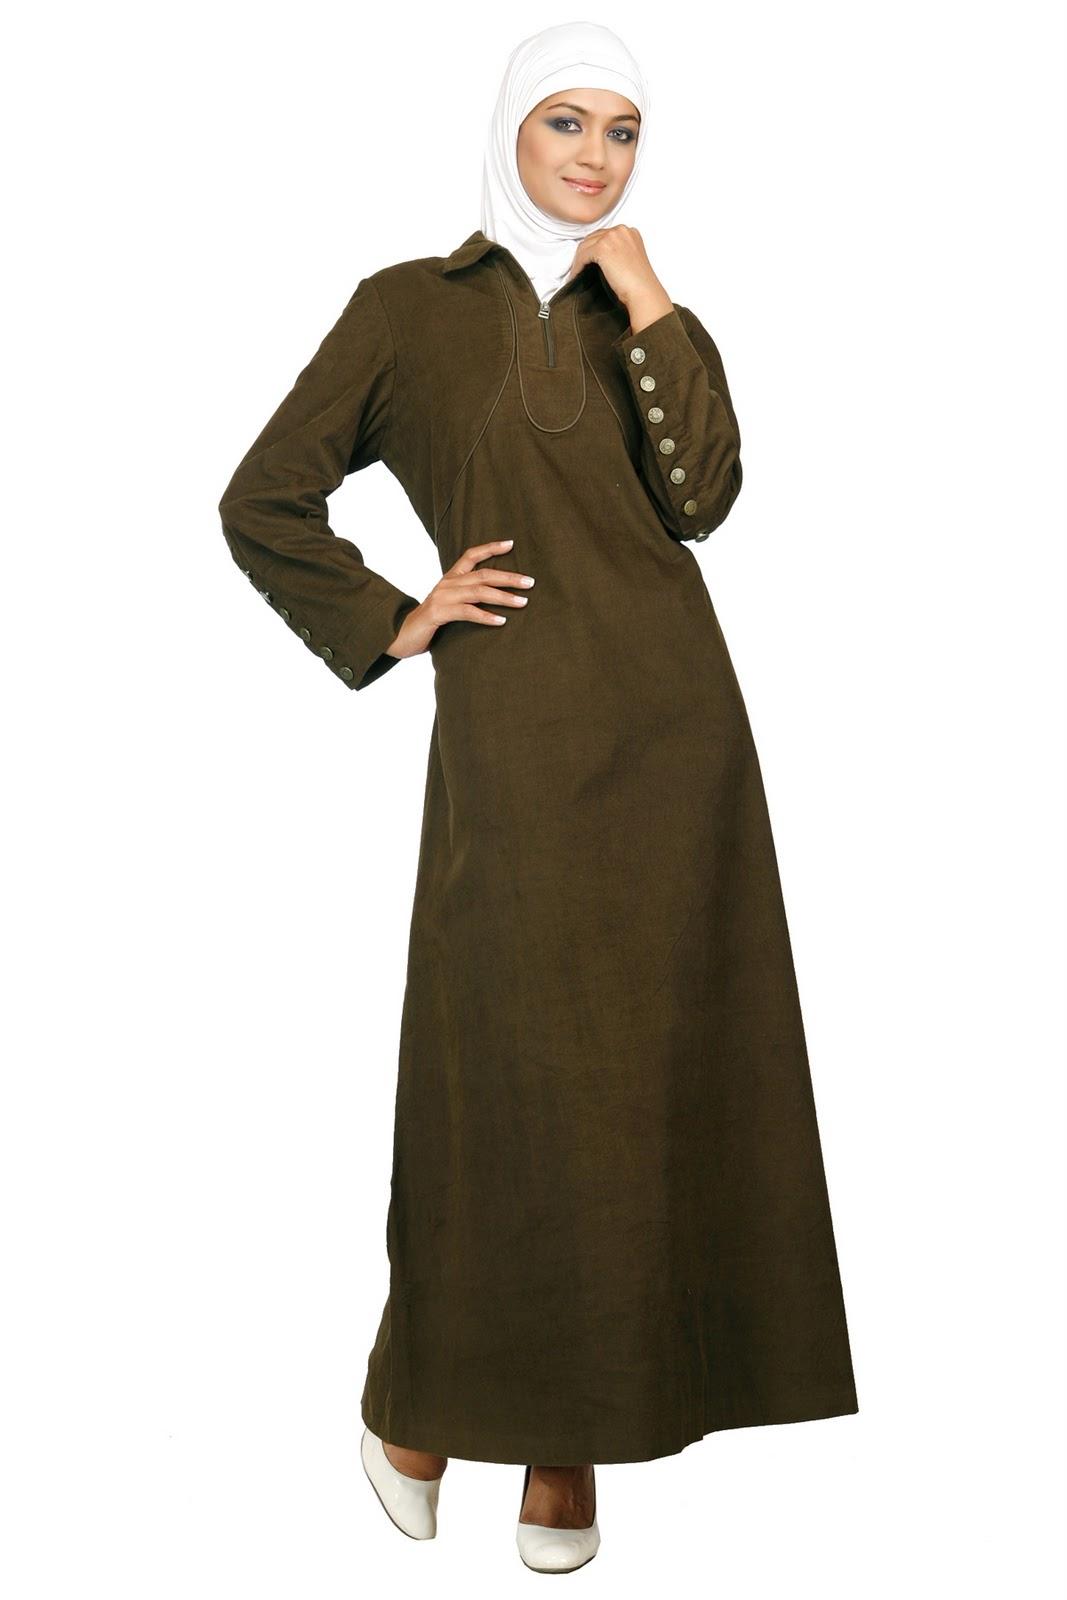 Burka design pakistan wwwmiifotoscom